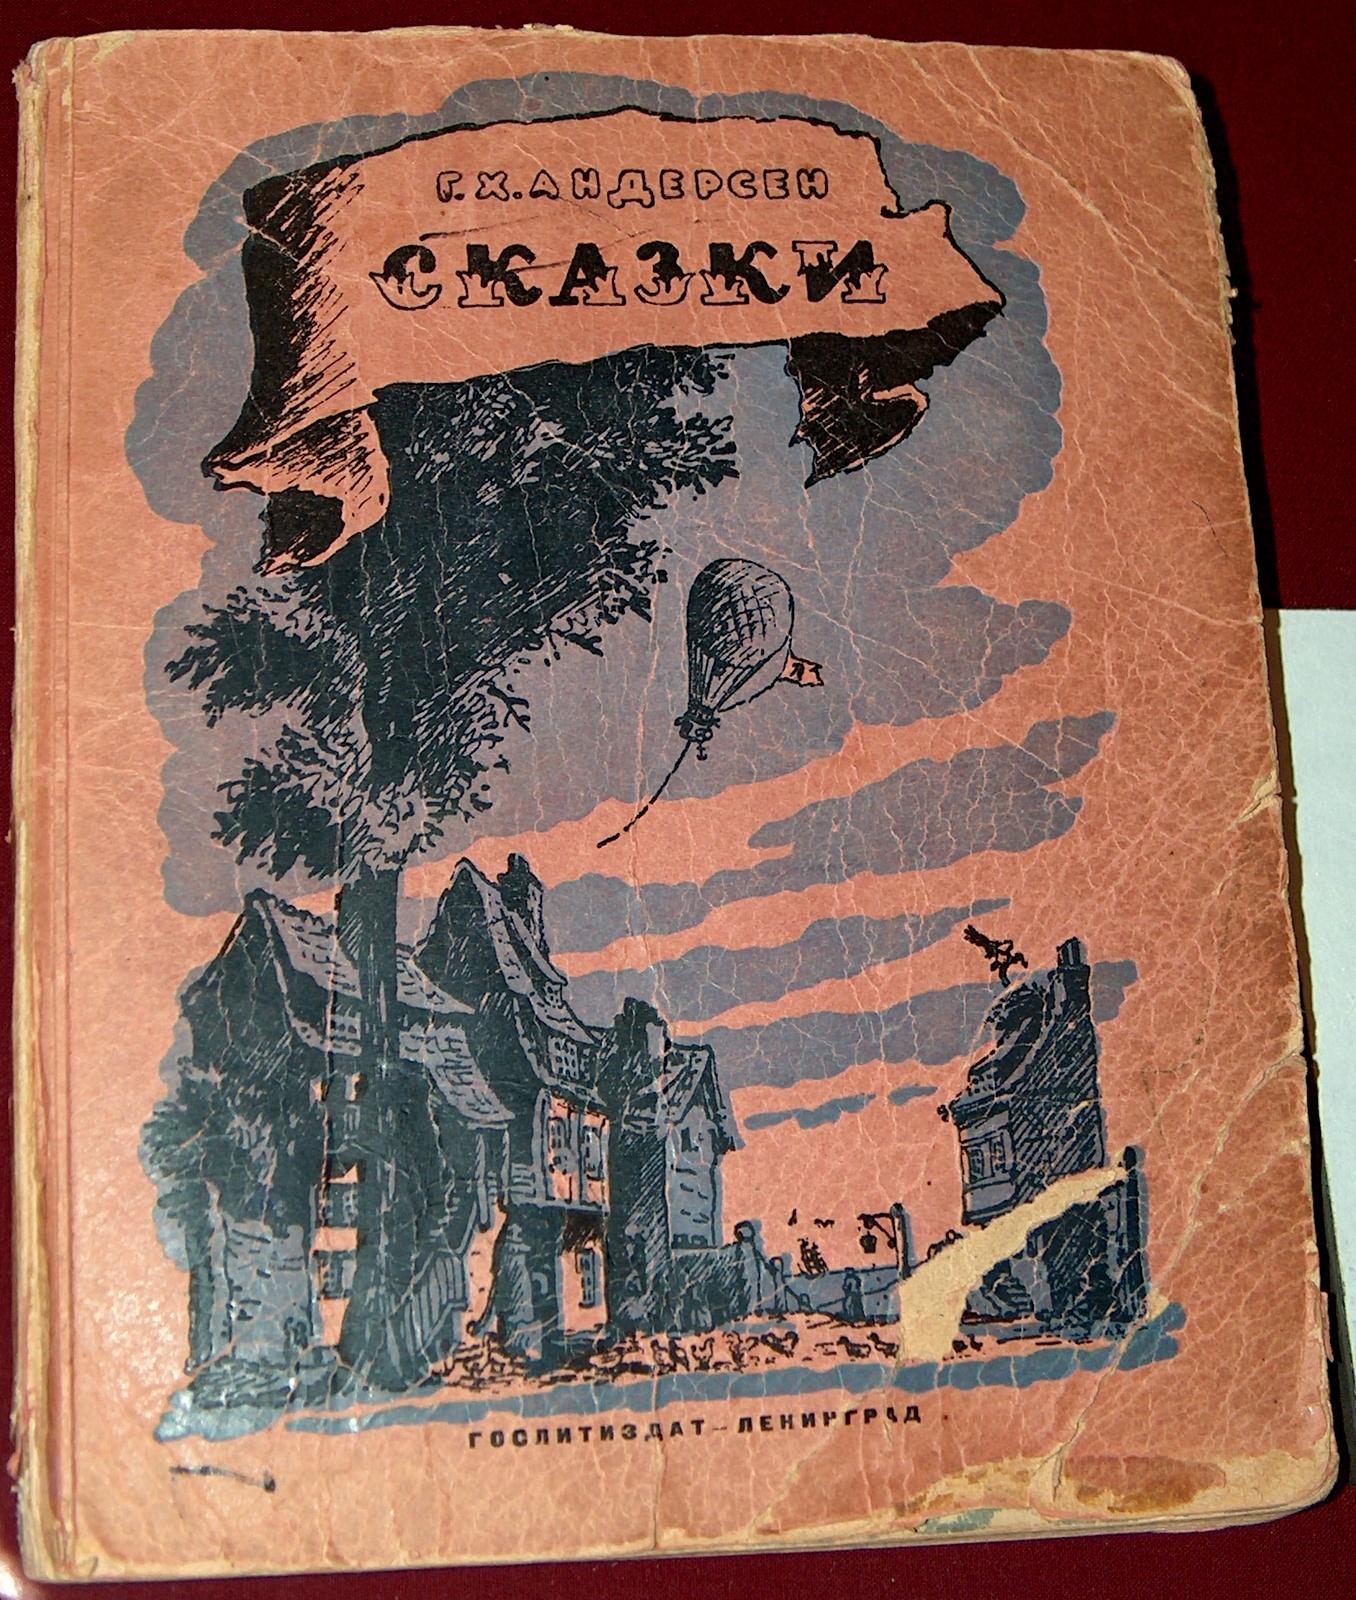 H.C. Andersens eventyr på russisk. Bogen blev trykt i det belejrede Leninggrad i 1943. På det tidspunkt var den daglige madration 125 gram erstatningsbrød. Foto Lars Bjørnsten Odense 2004